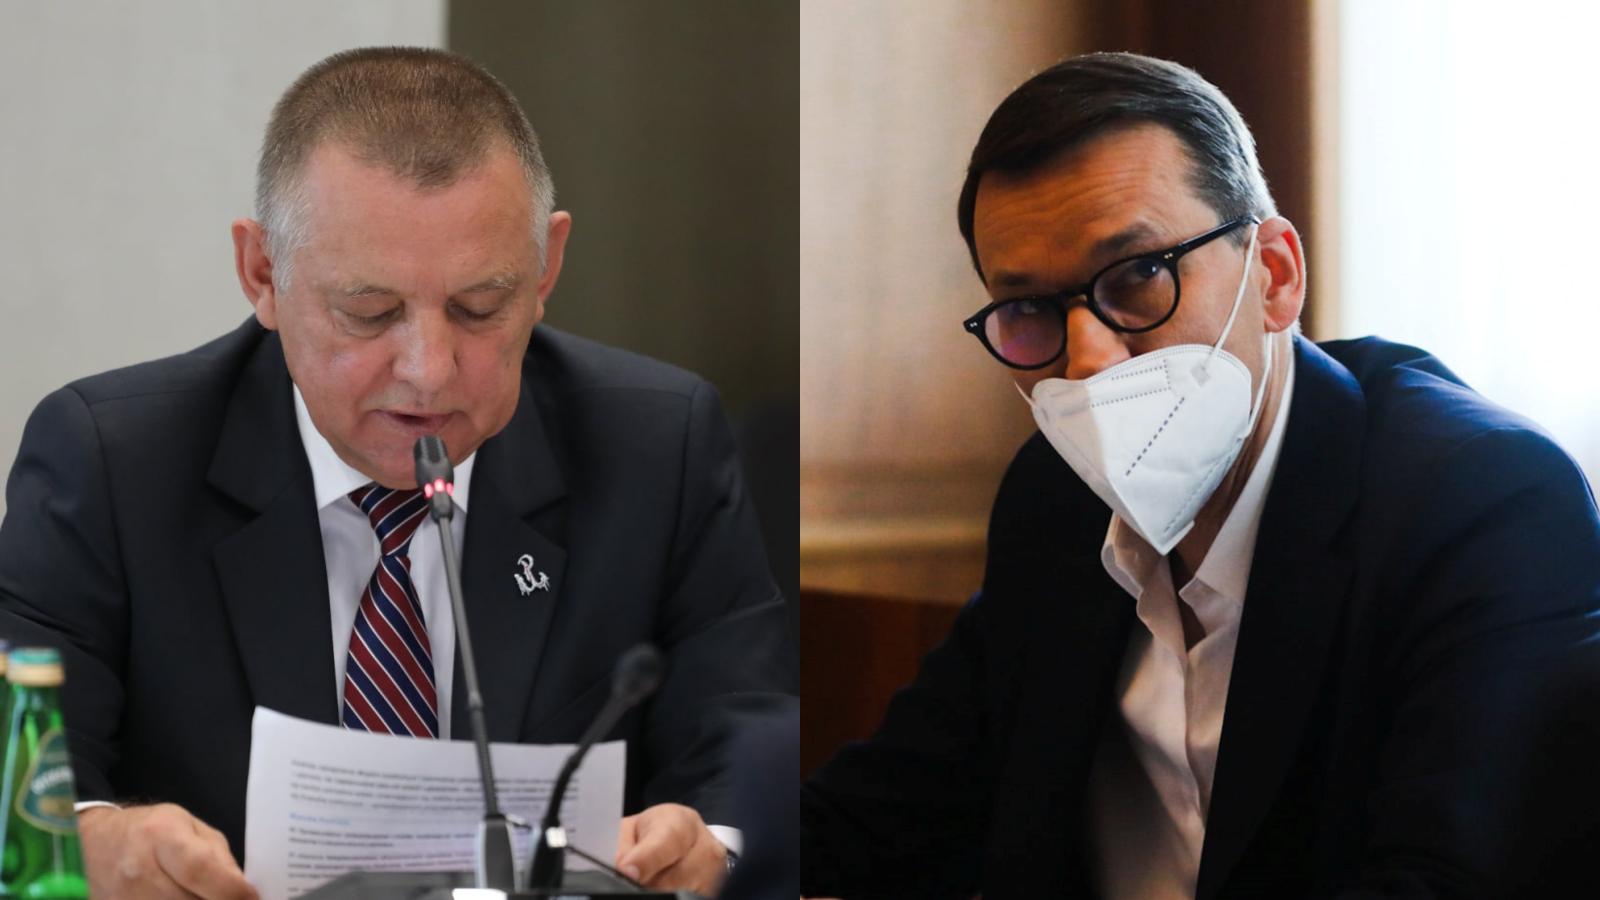 """Ludzie Banasia weszli do kancelarii Morawieckiego. Zapadło """"dziwne milczenie"""""""